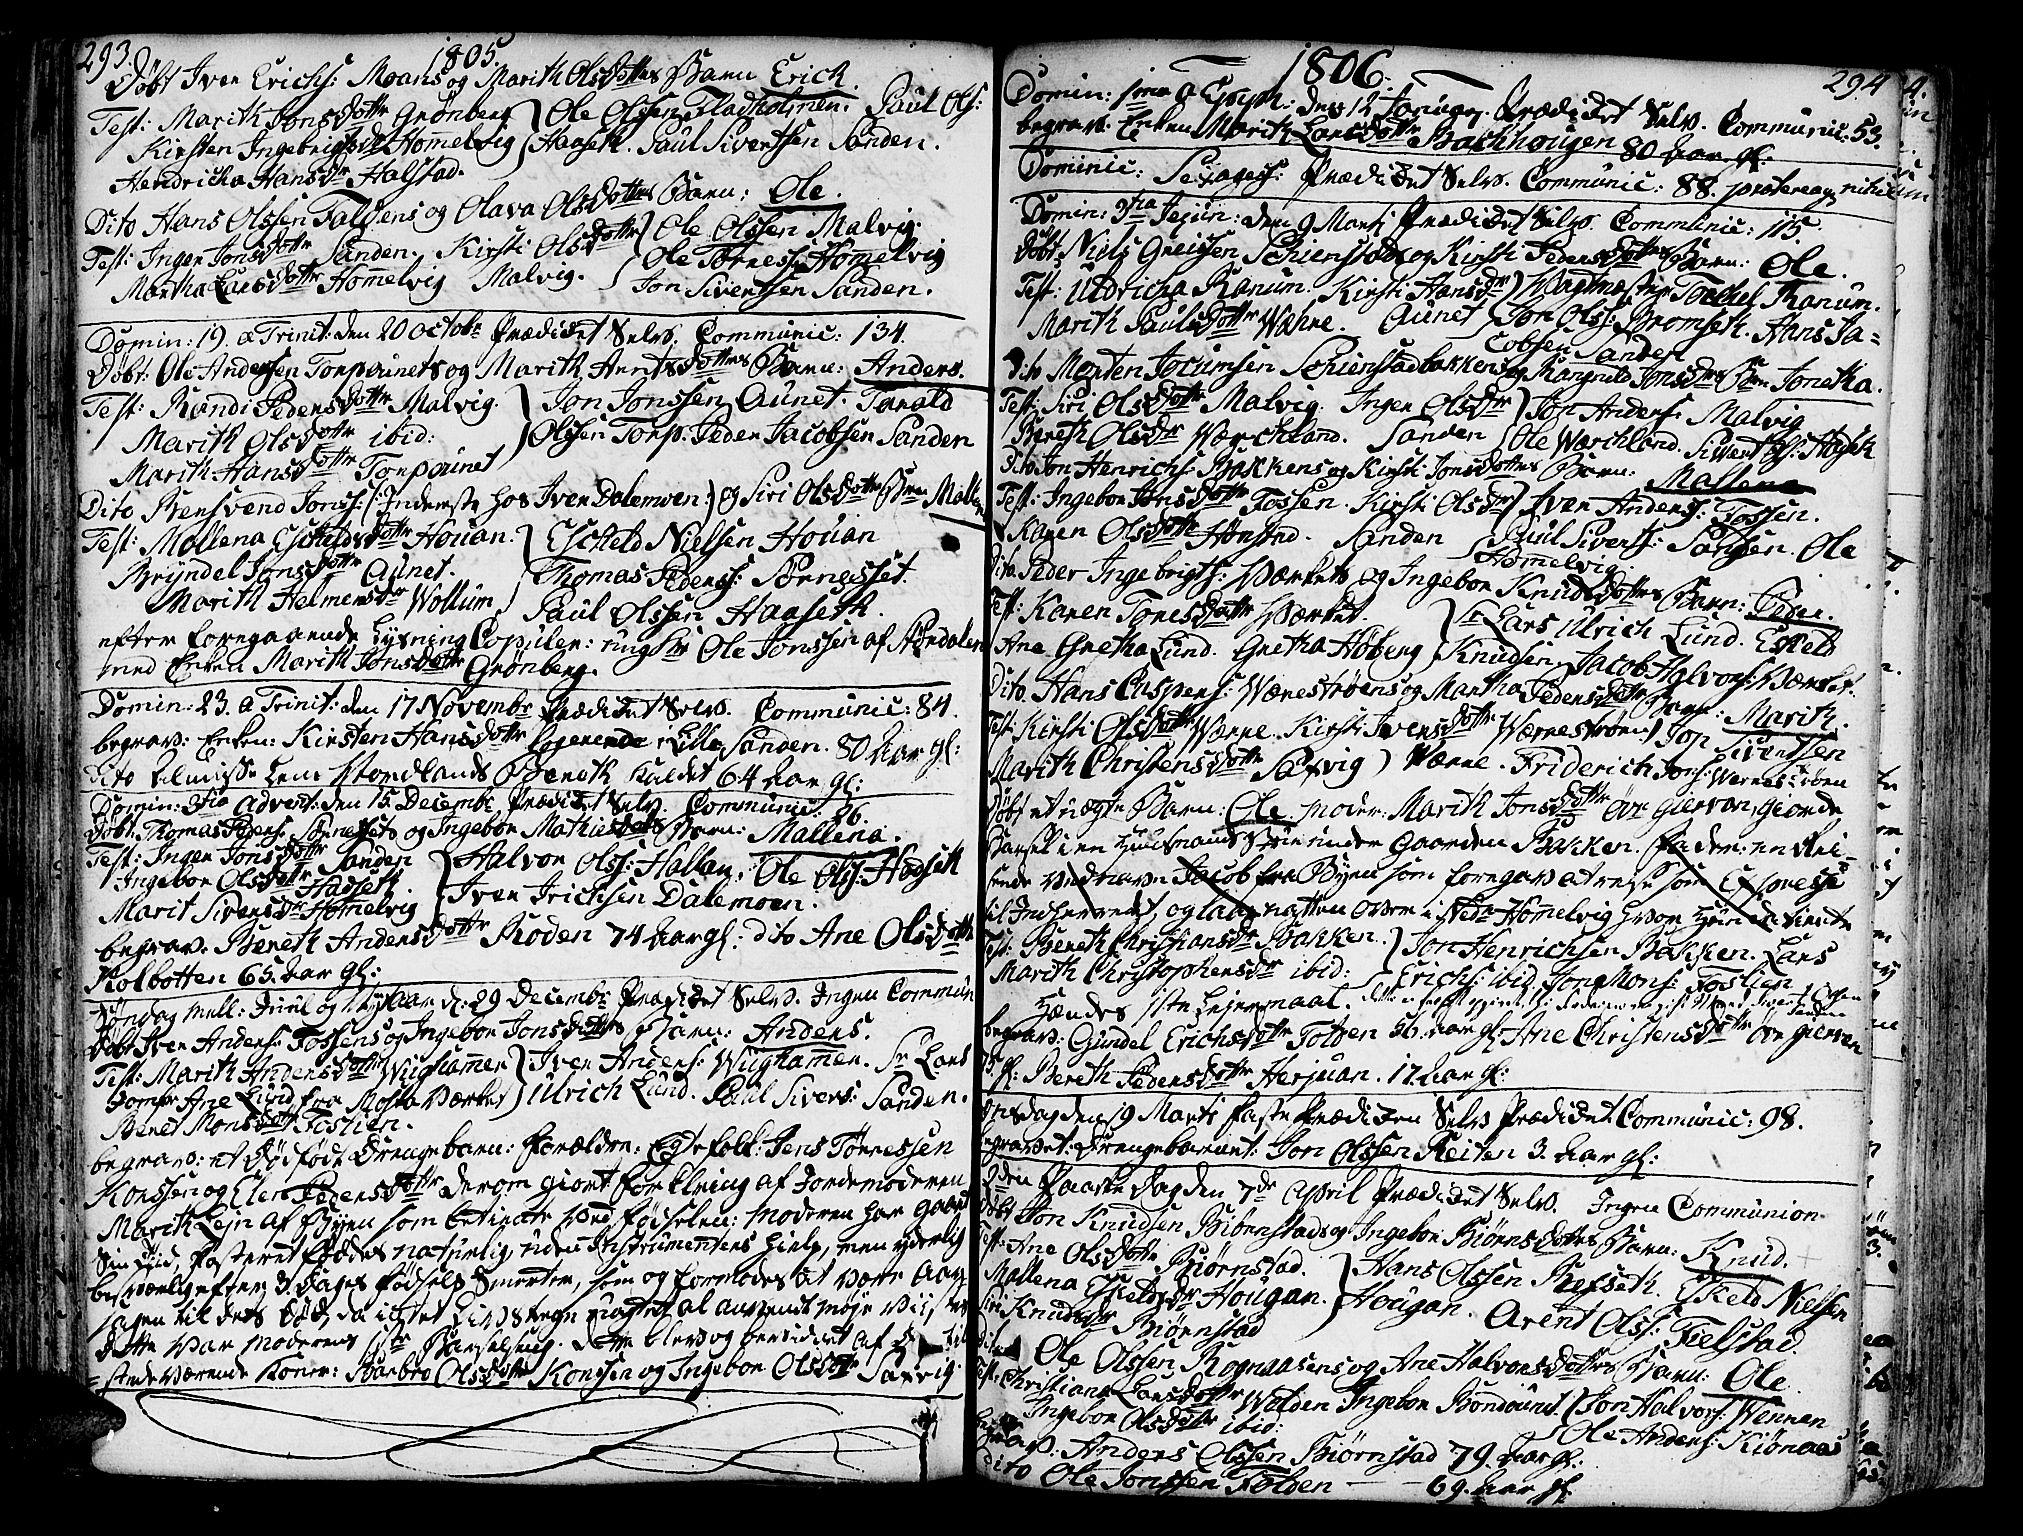 SAT, Ministerialprotokoller, klokkerbøker og fødselsregistre - Sør-Trøndelag, 606/L0281: Ministerialbok nr. 606A02 /2, 1781-1817, s. 293-294